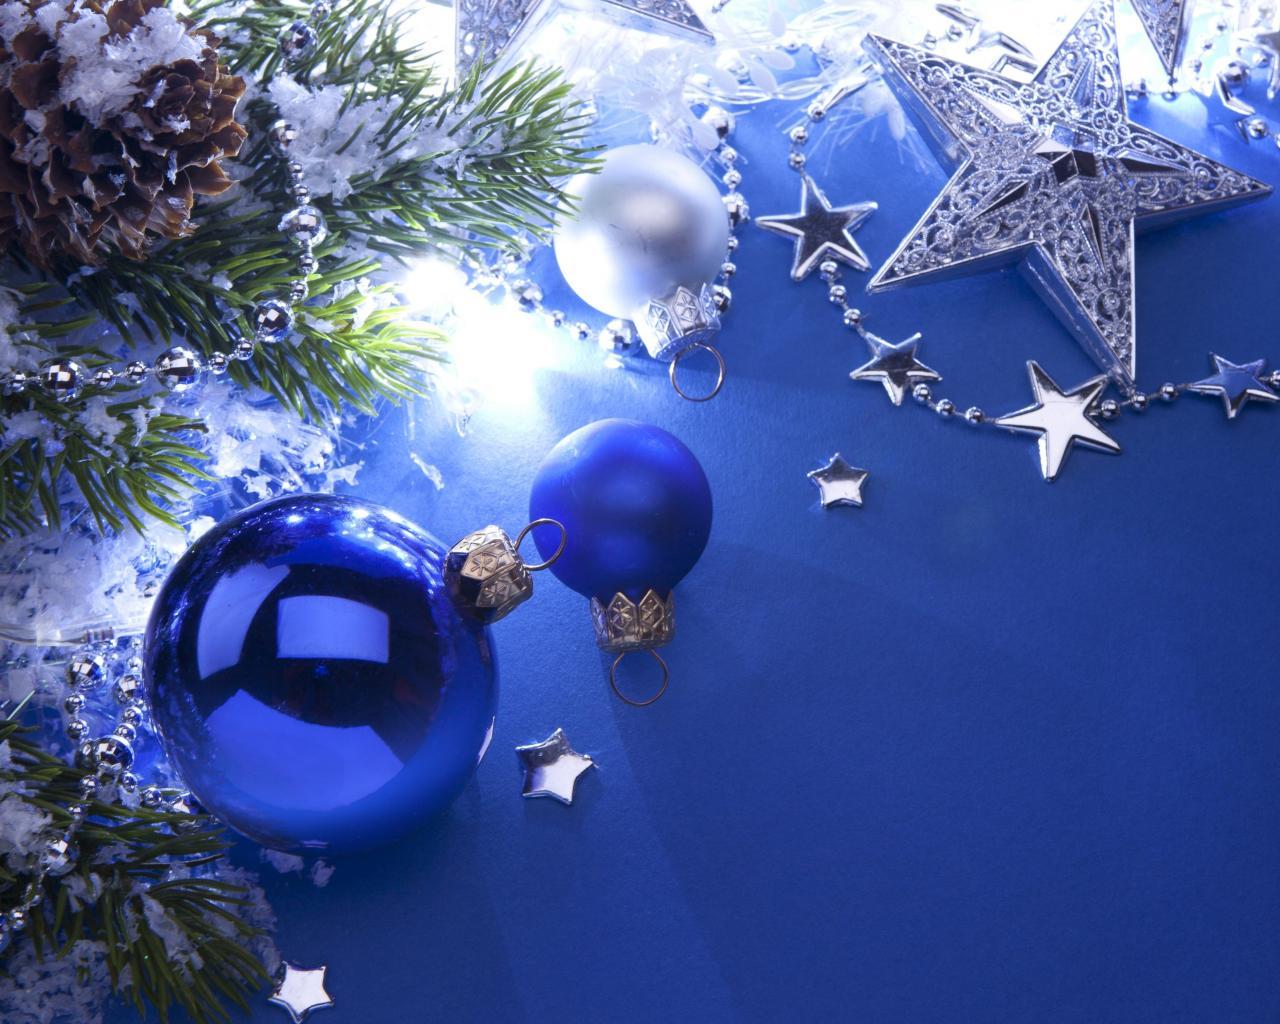 Заставка для новогоднего поздравления